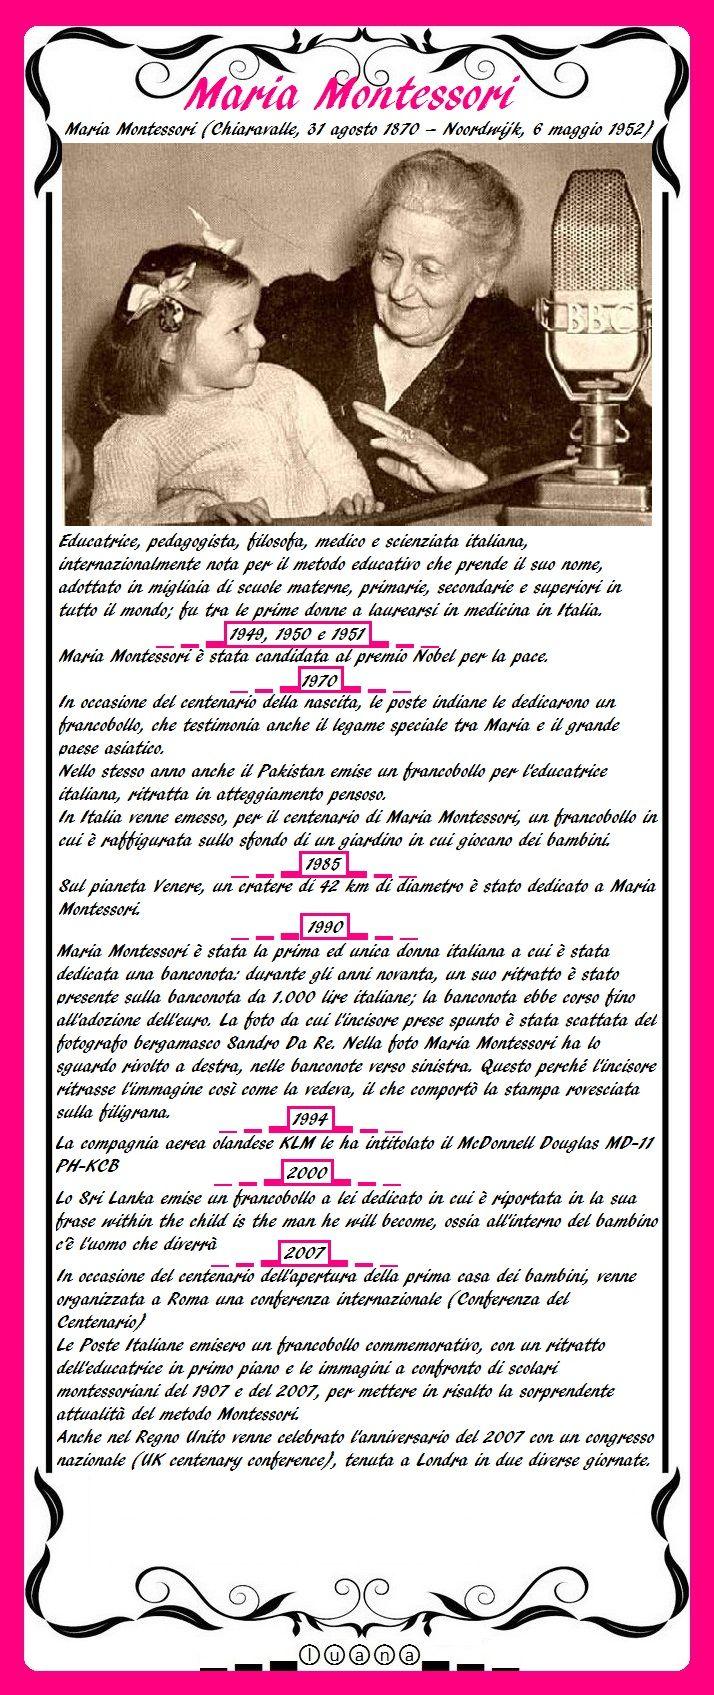 Maria Montessori (Chiaravalle, 31 agosto 1870 – Noordwijk, 6 maggio 1952) fu un'educatrice, pedagogista, filosofa, medico e scienziata italiana, internazionalmente nota per il metodo educativo che prende il suo nome, adottato in migliaia di scuole materne, primarie, secondarie e superiori in tutto il mondo; fu tra le prime donne a laurearsi in medicina in Italia.